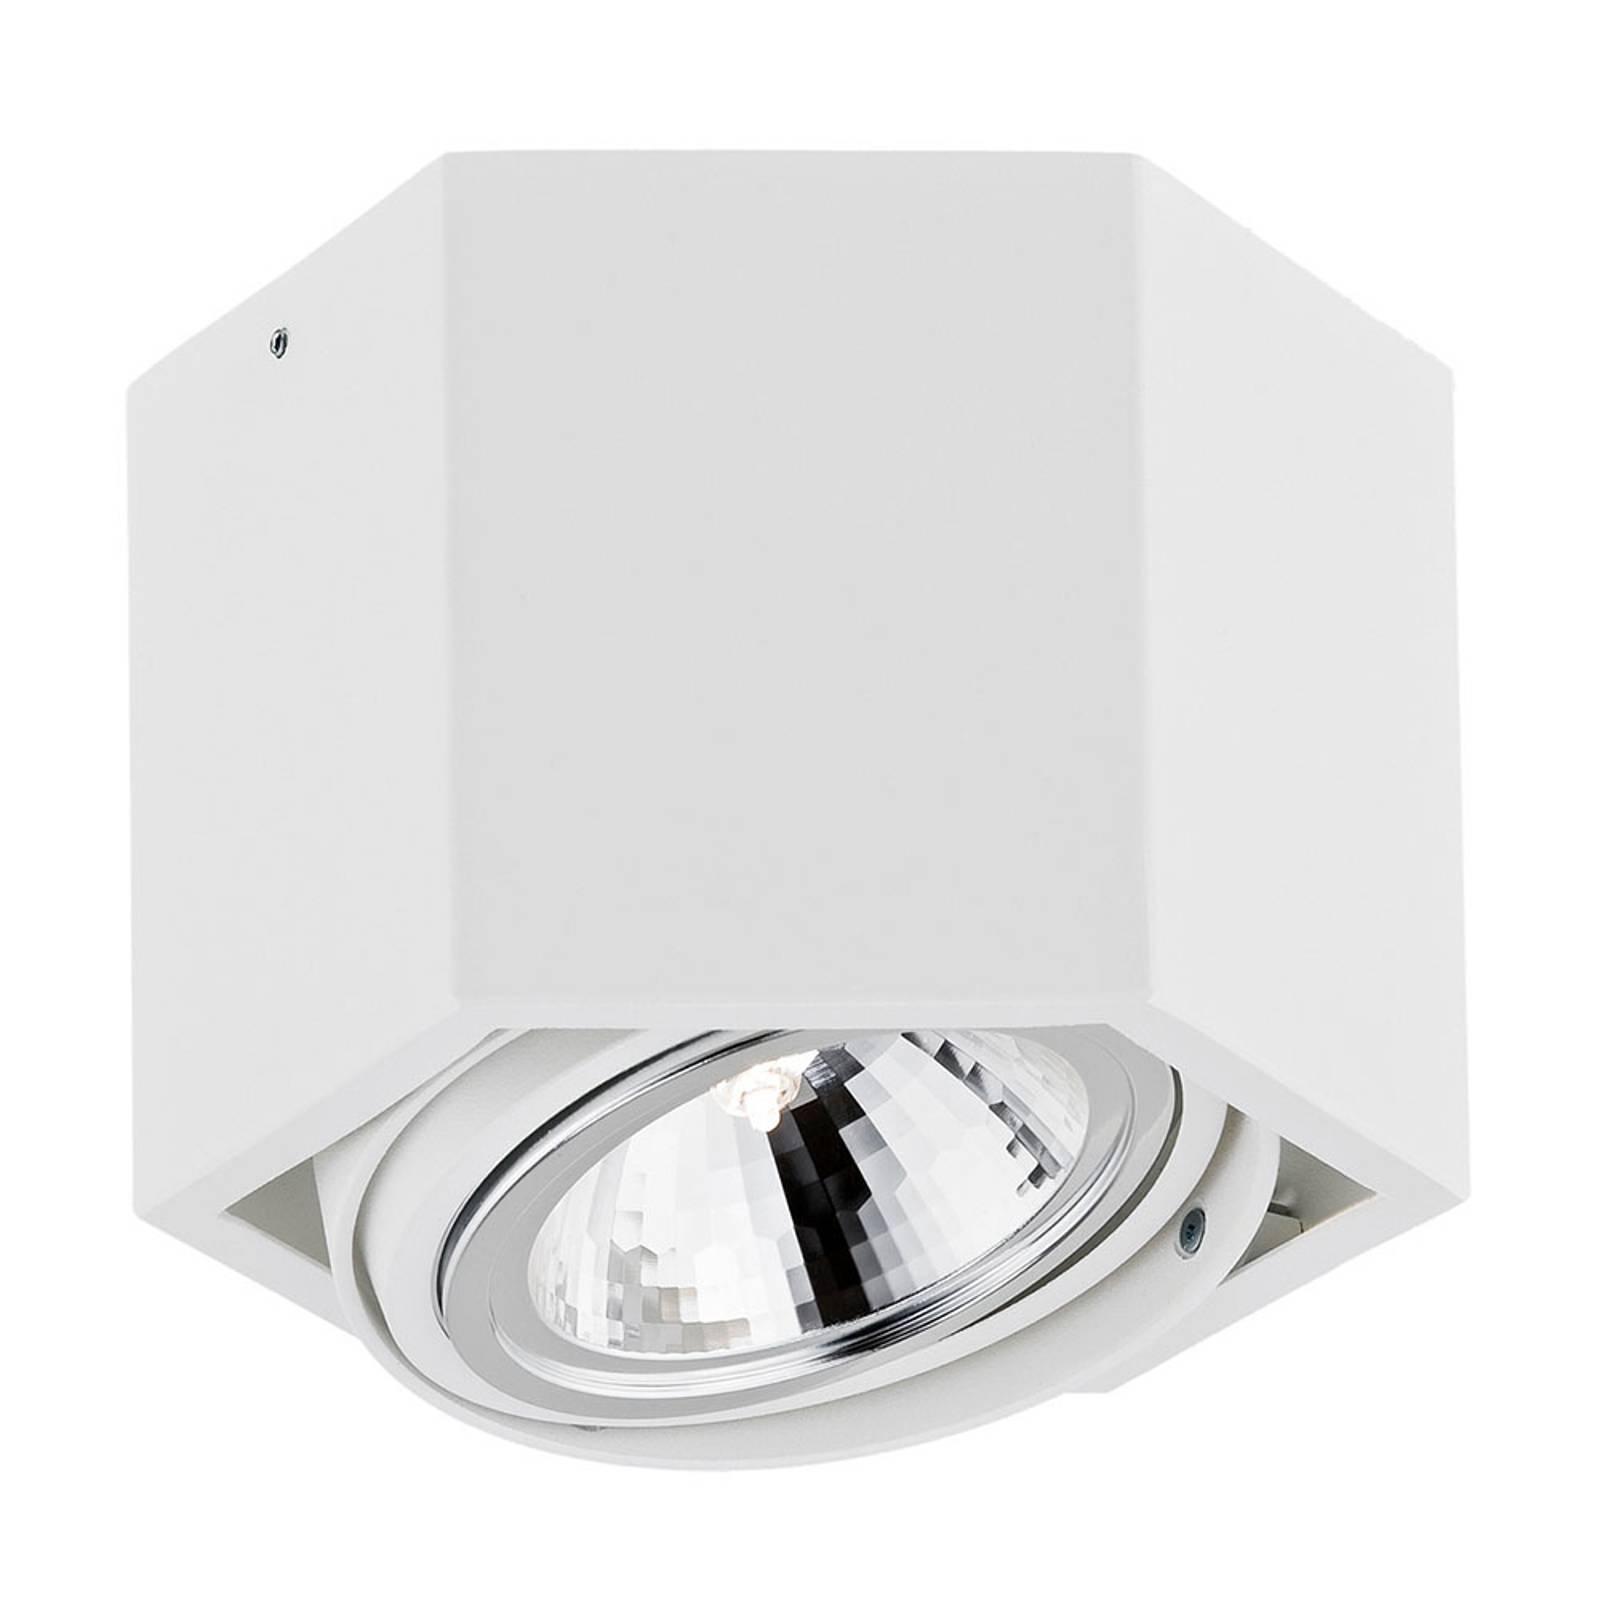 Kattospotti Elvas, kääntyvä 1-lamppuinen valkoinen